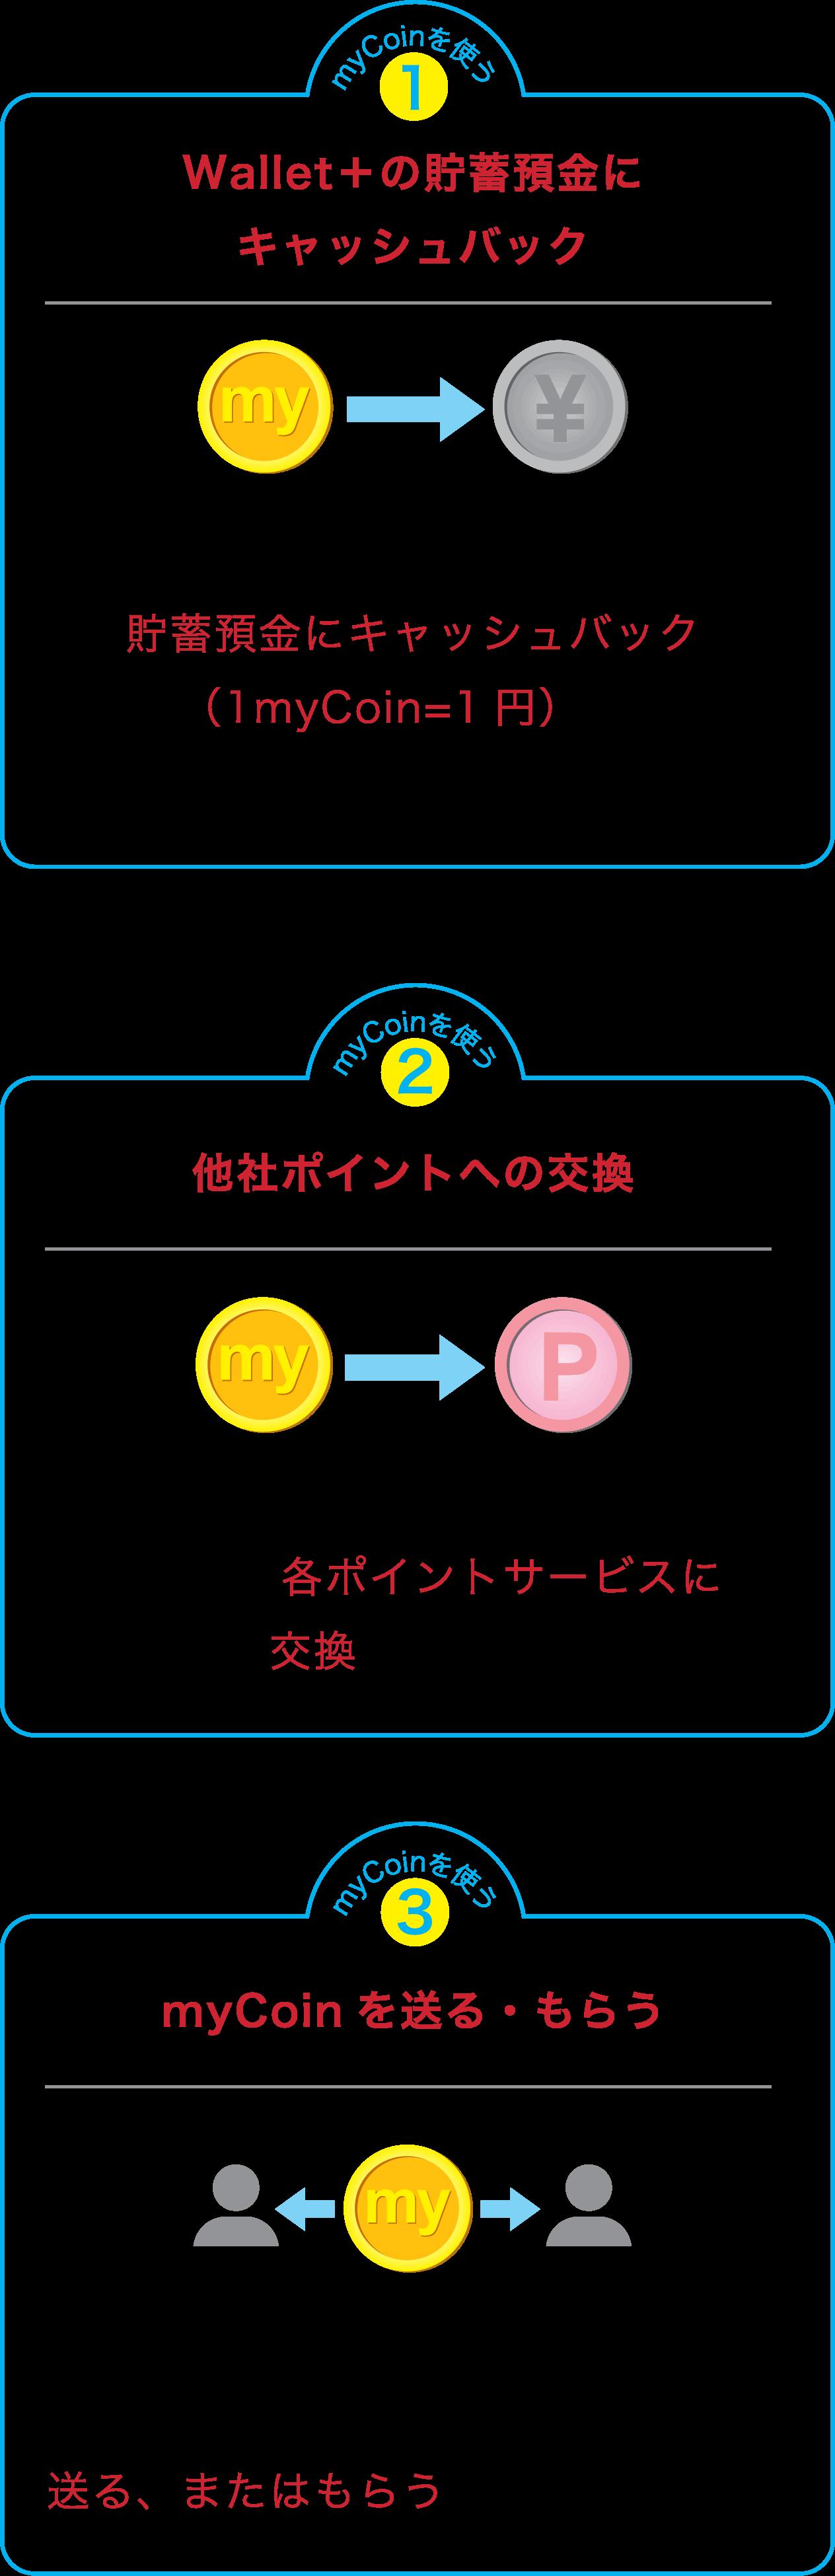 バック 使い方 キャッシュ id